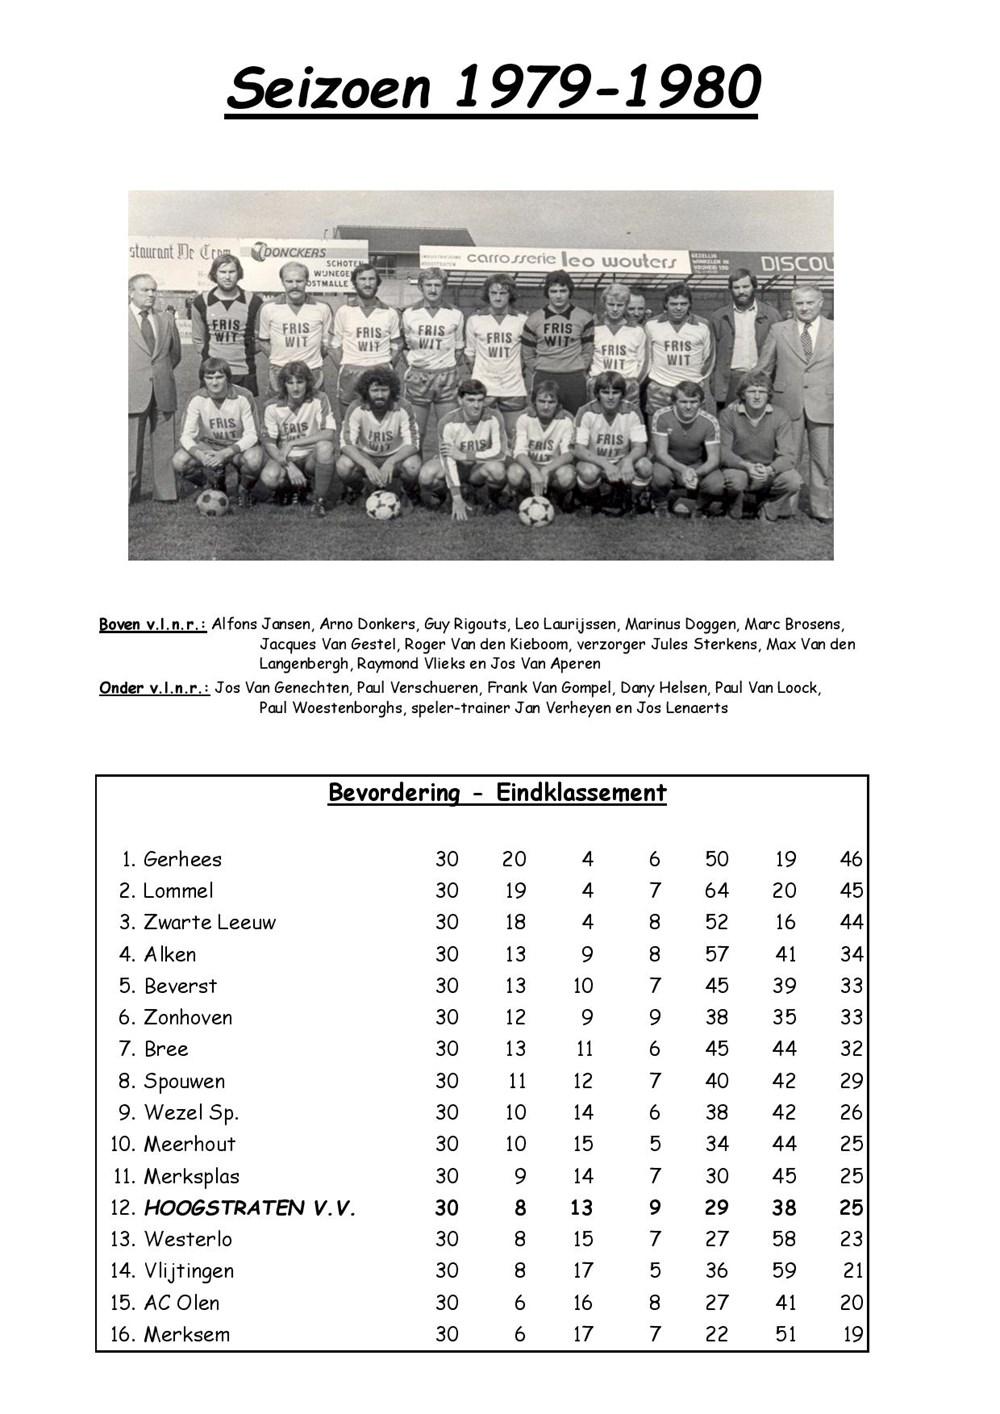 seizoen_1979-1980.jpg